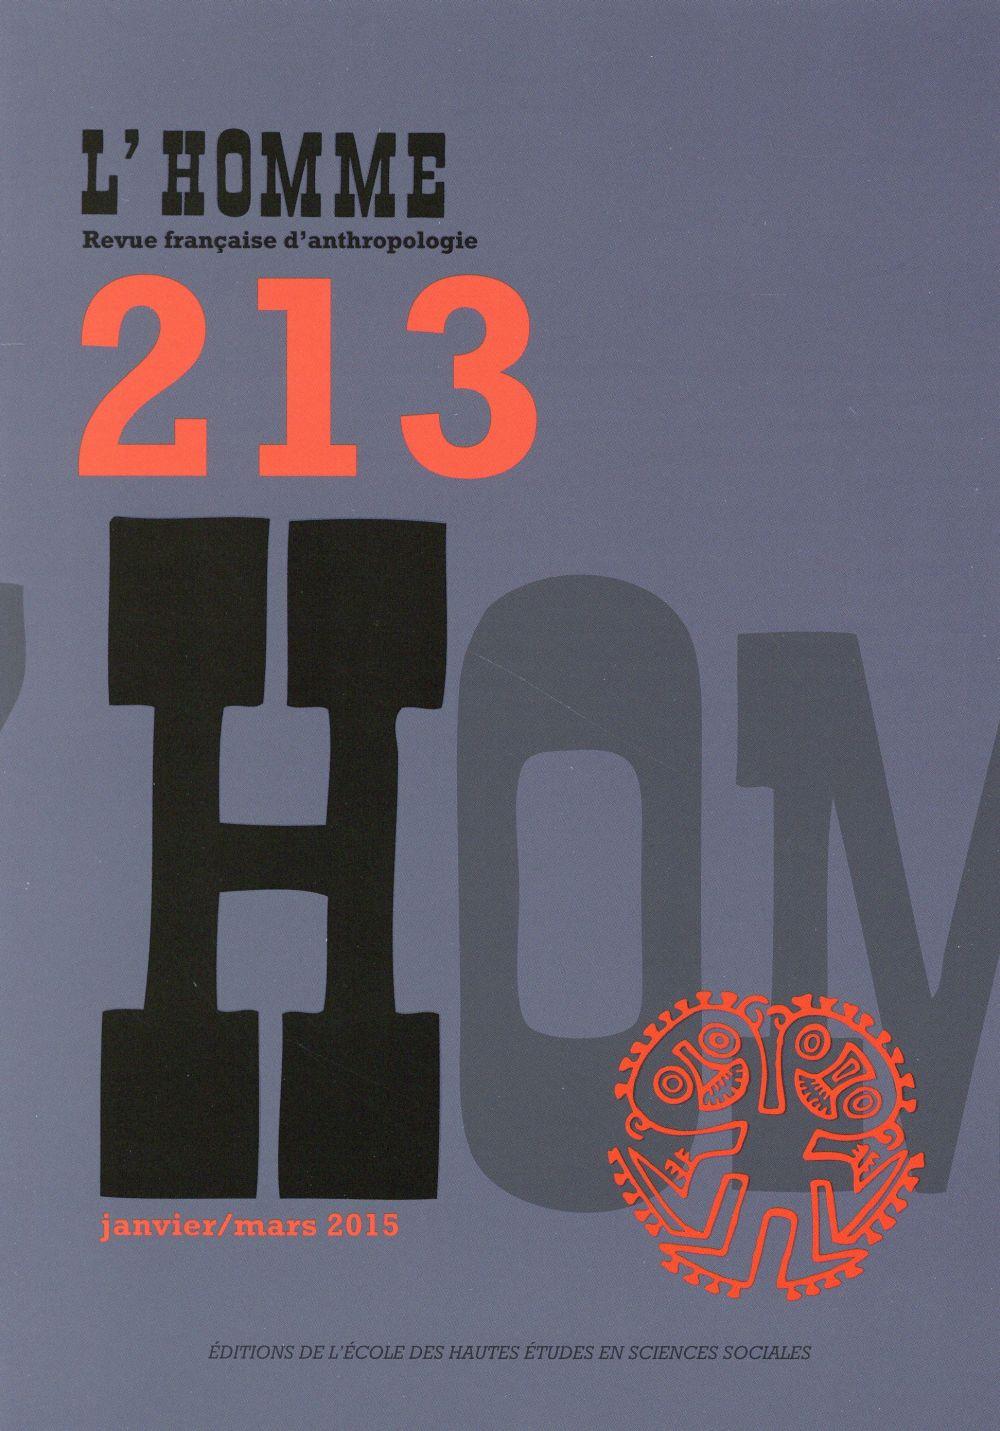 L'HOMME 213